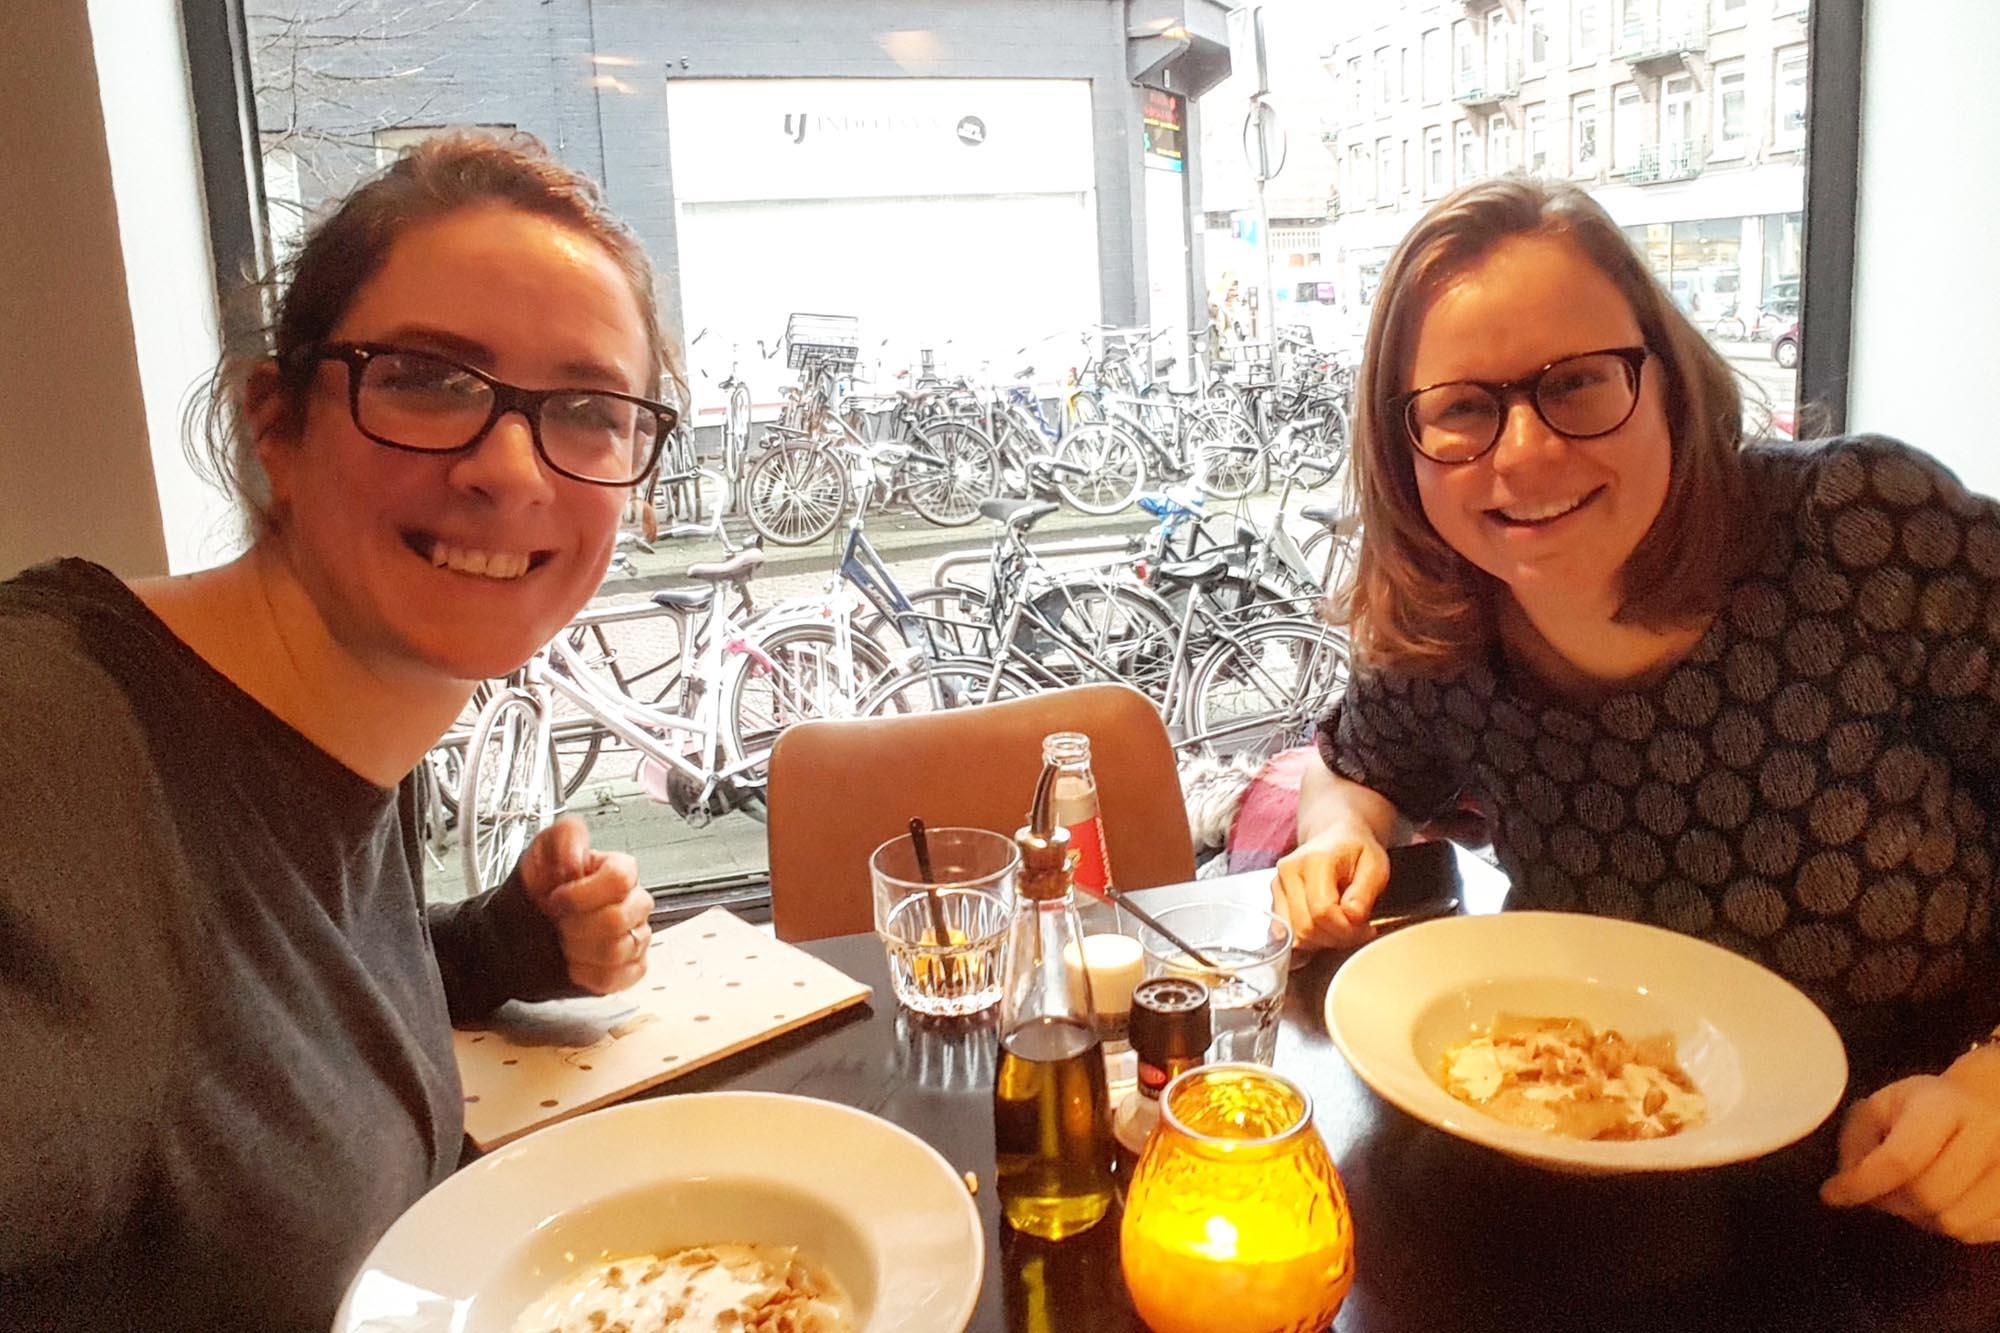 Lunchen met Saskia Balmaekers